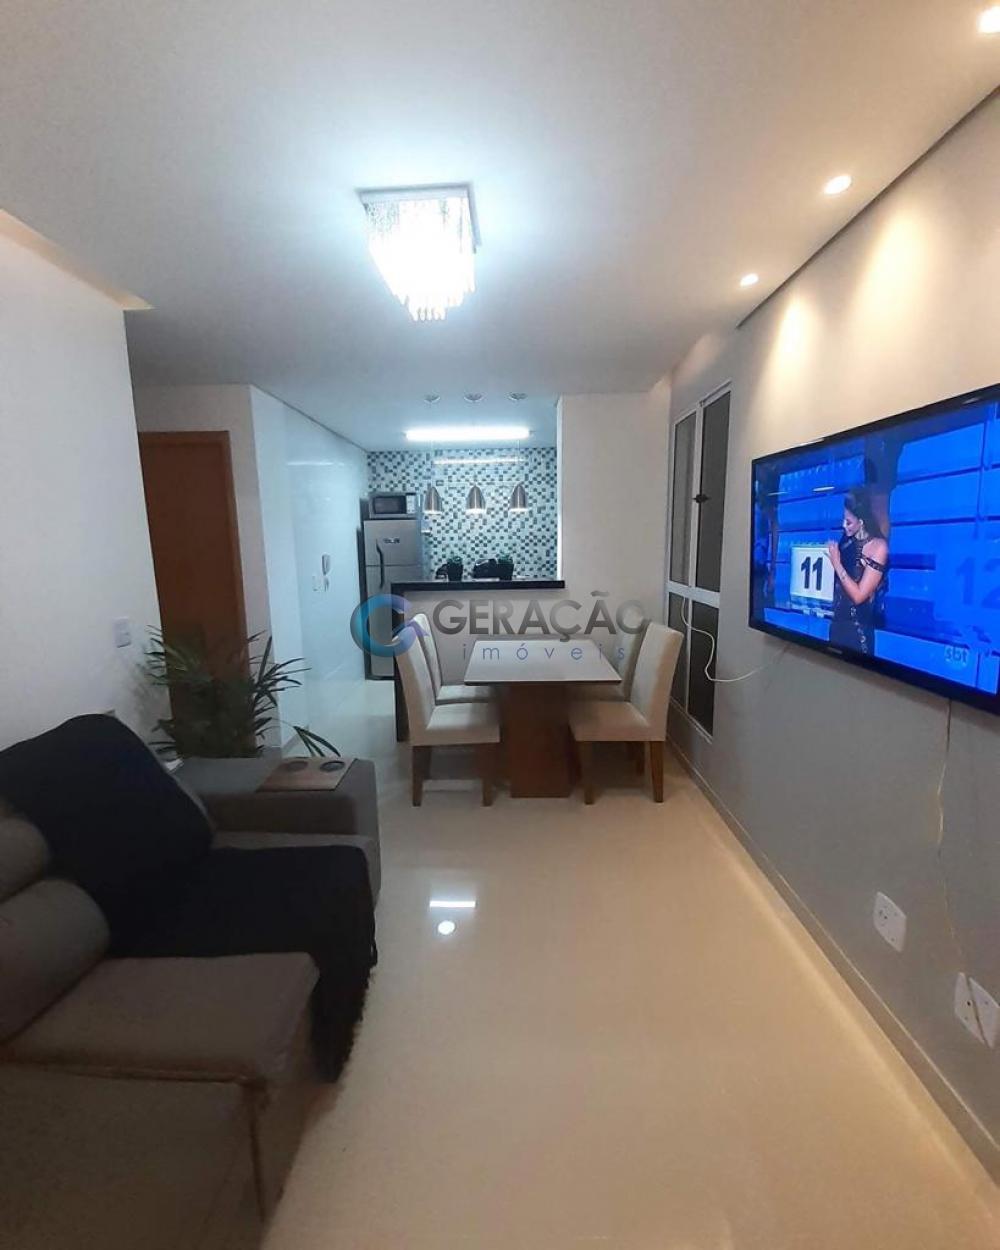 Comprar Apartamento / Padrão em São José dos Campos R$ 170.000,00 - Foto 13